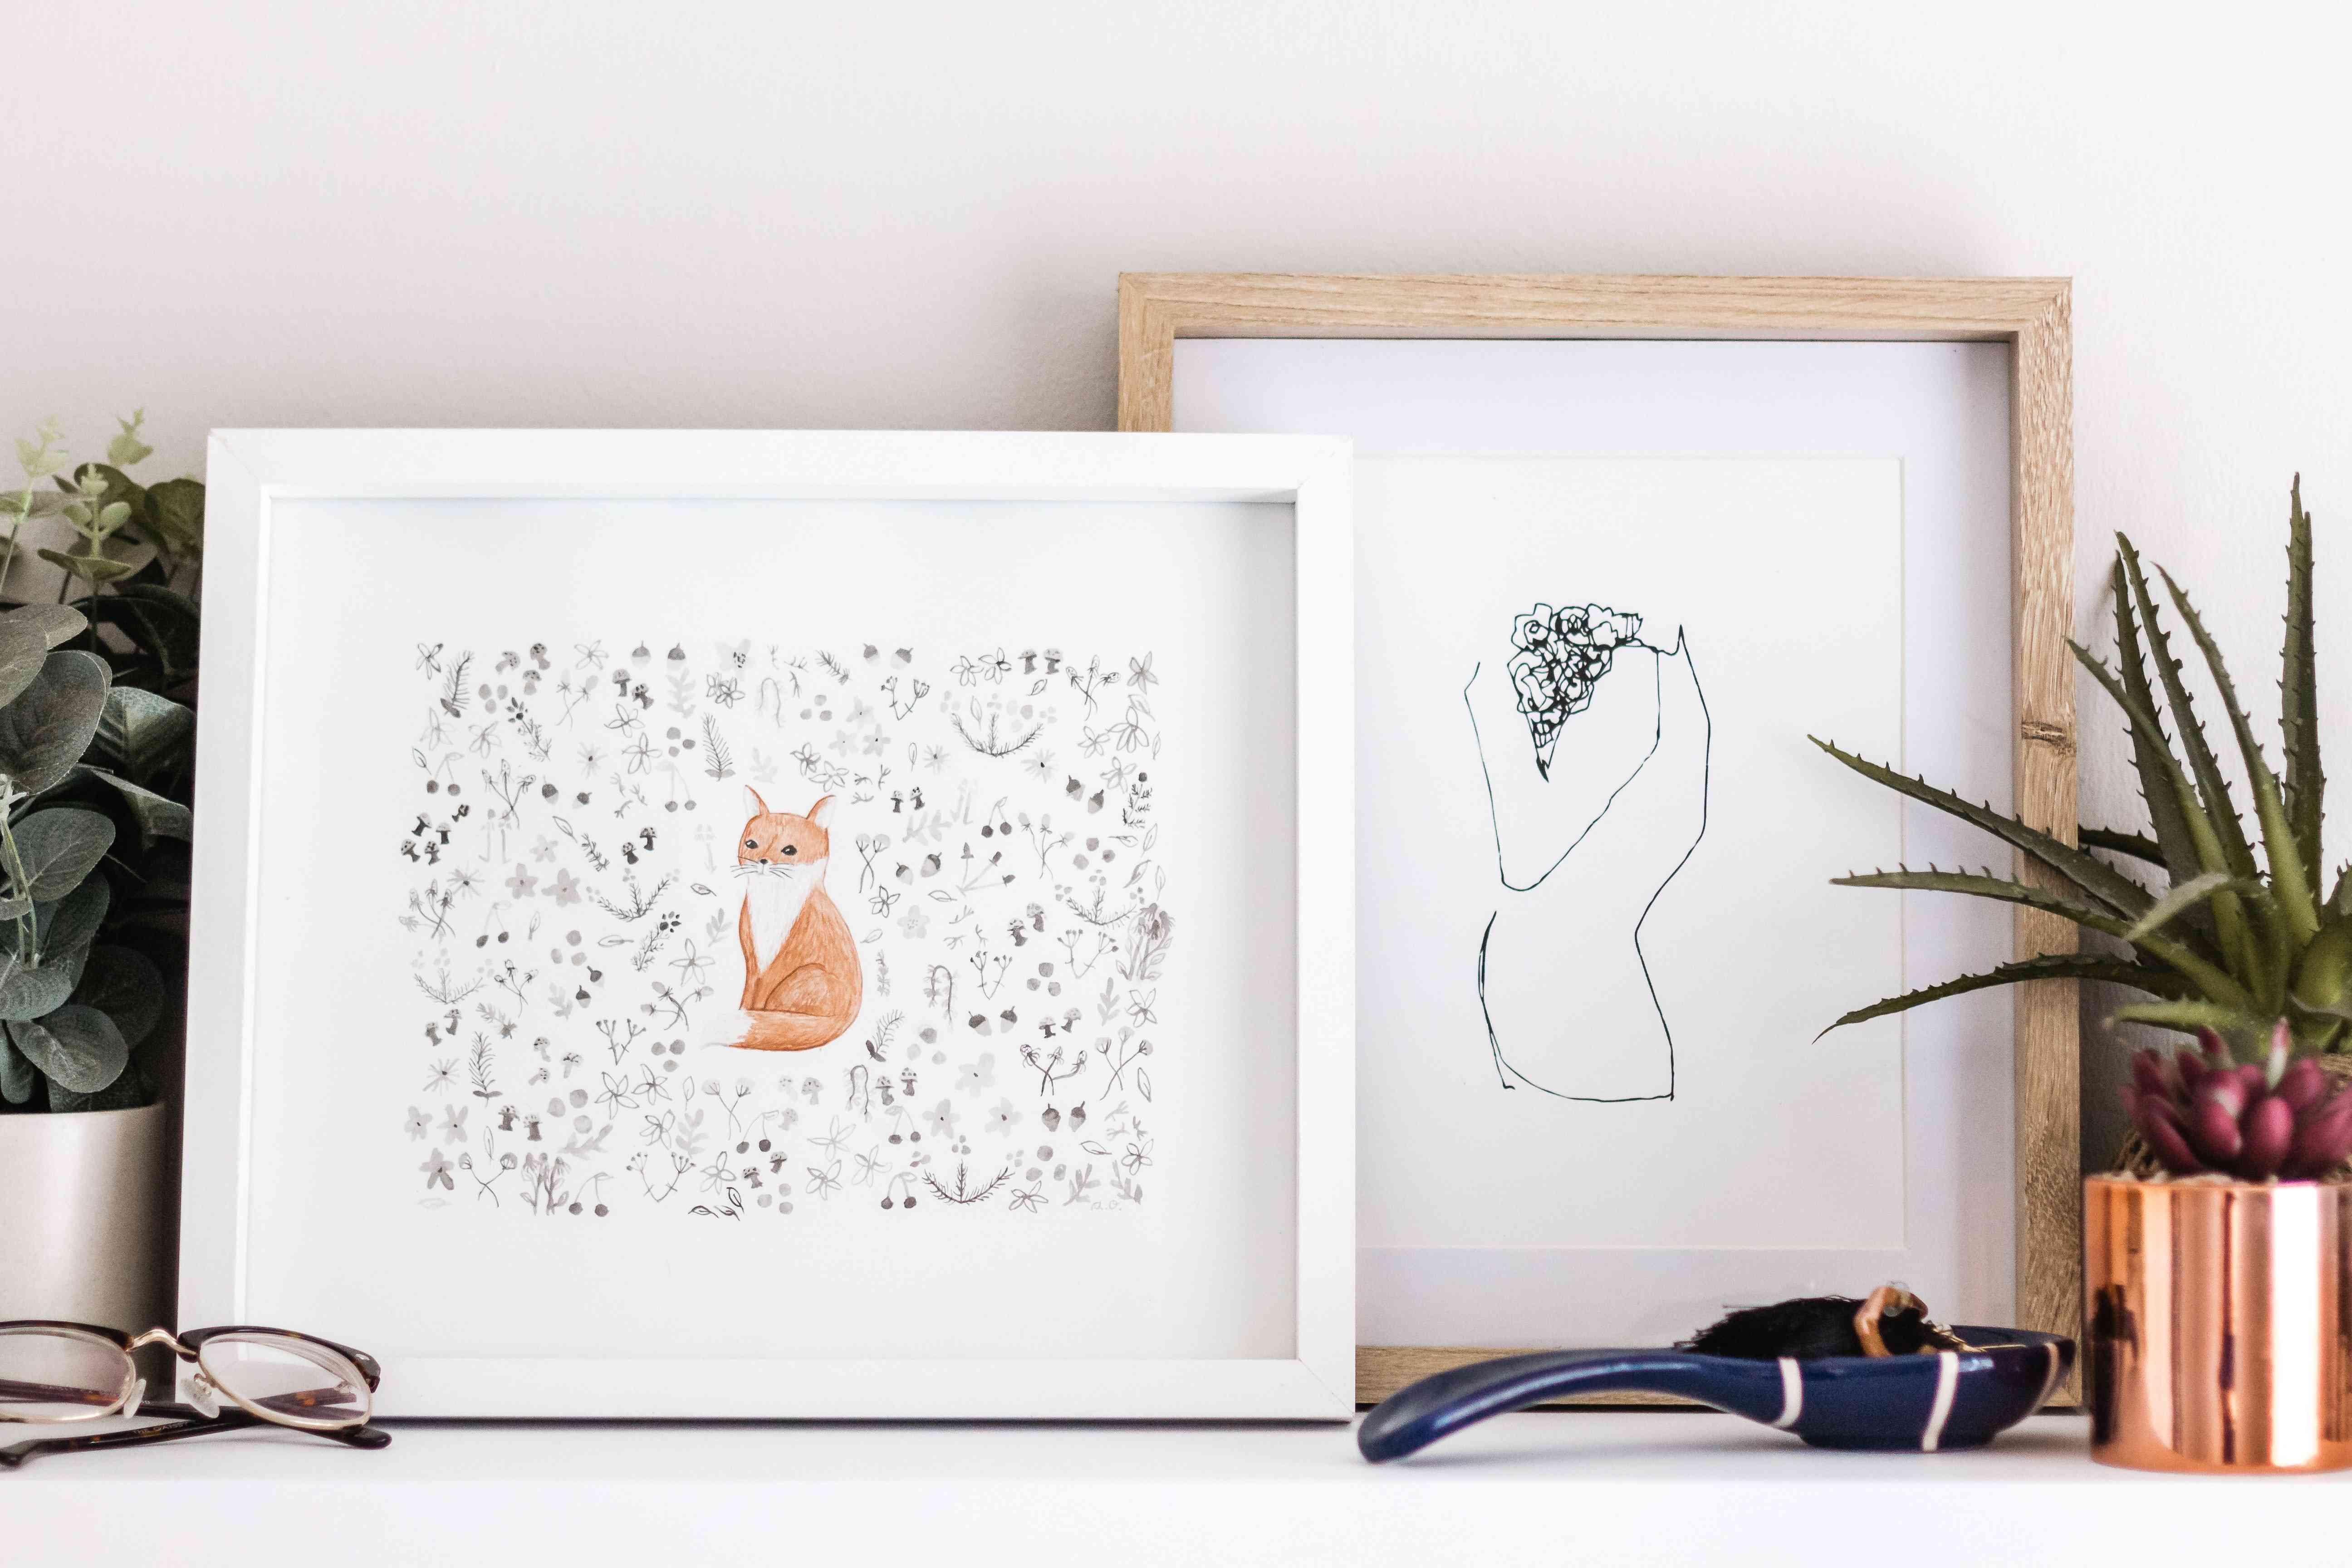 cat-inspired framed art